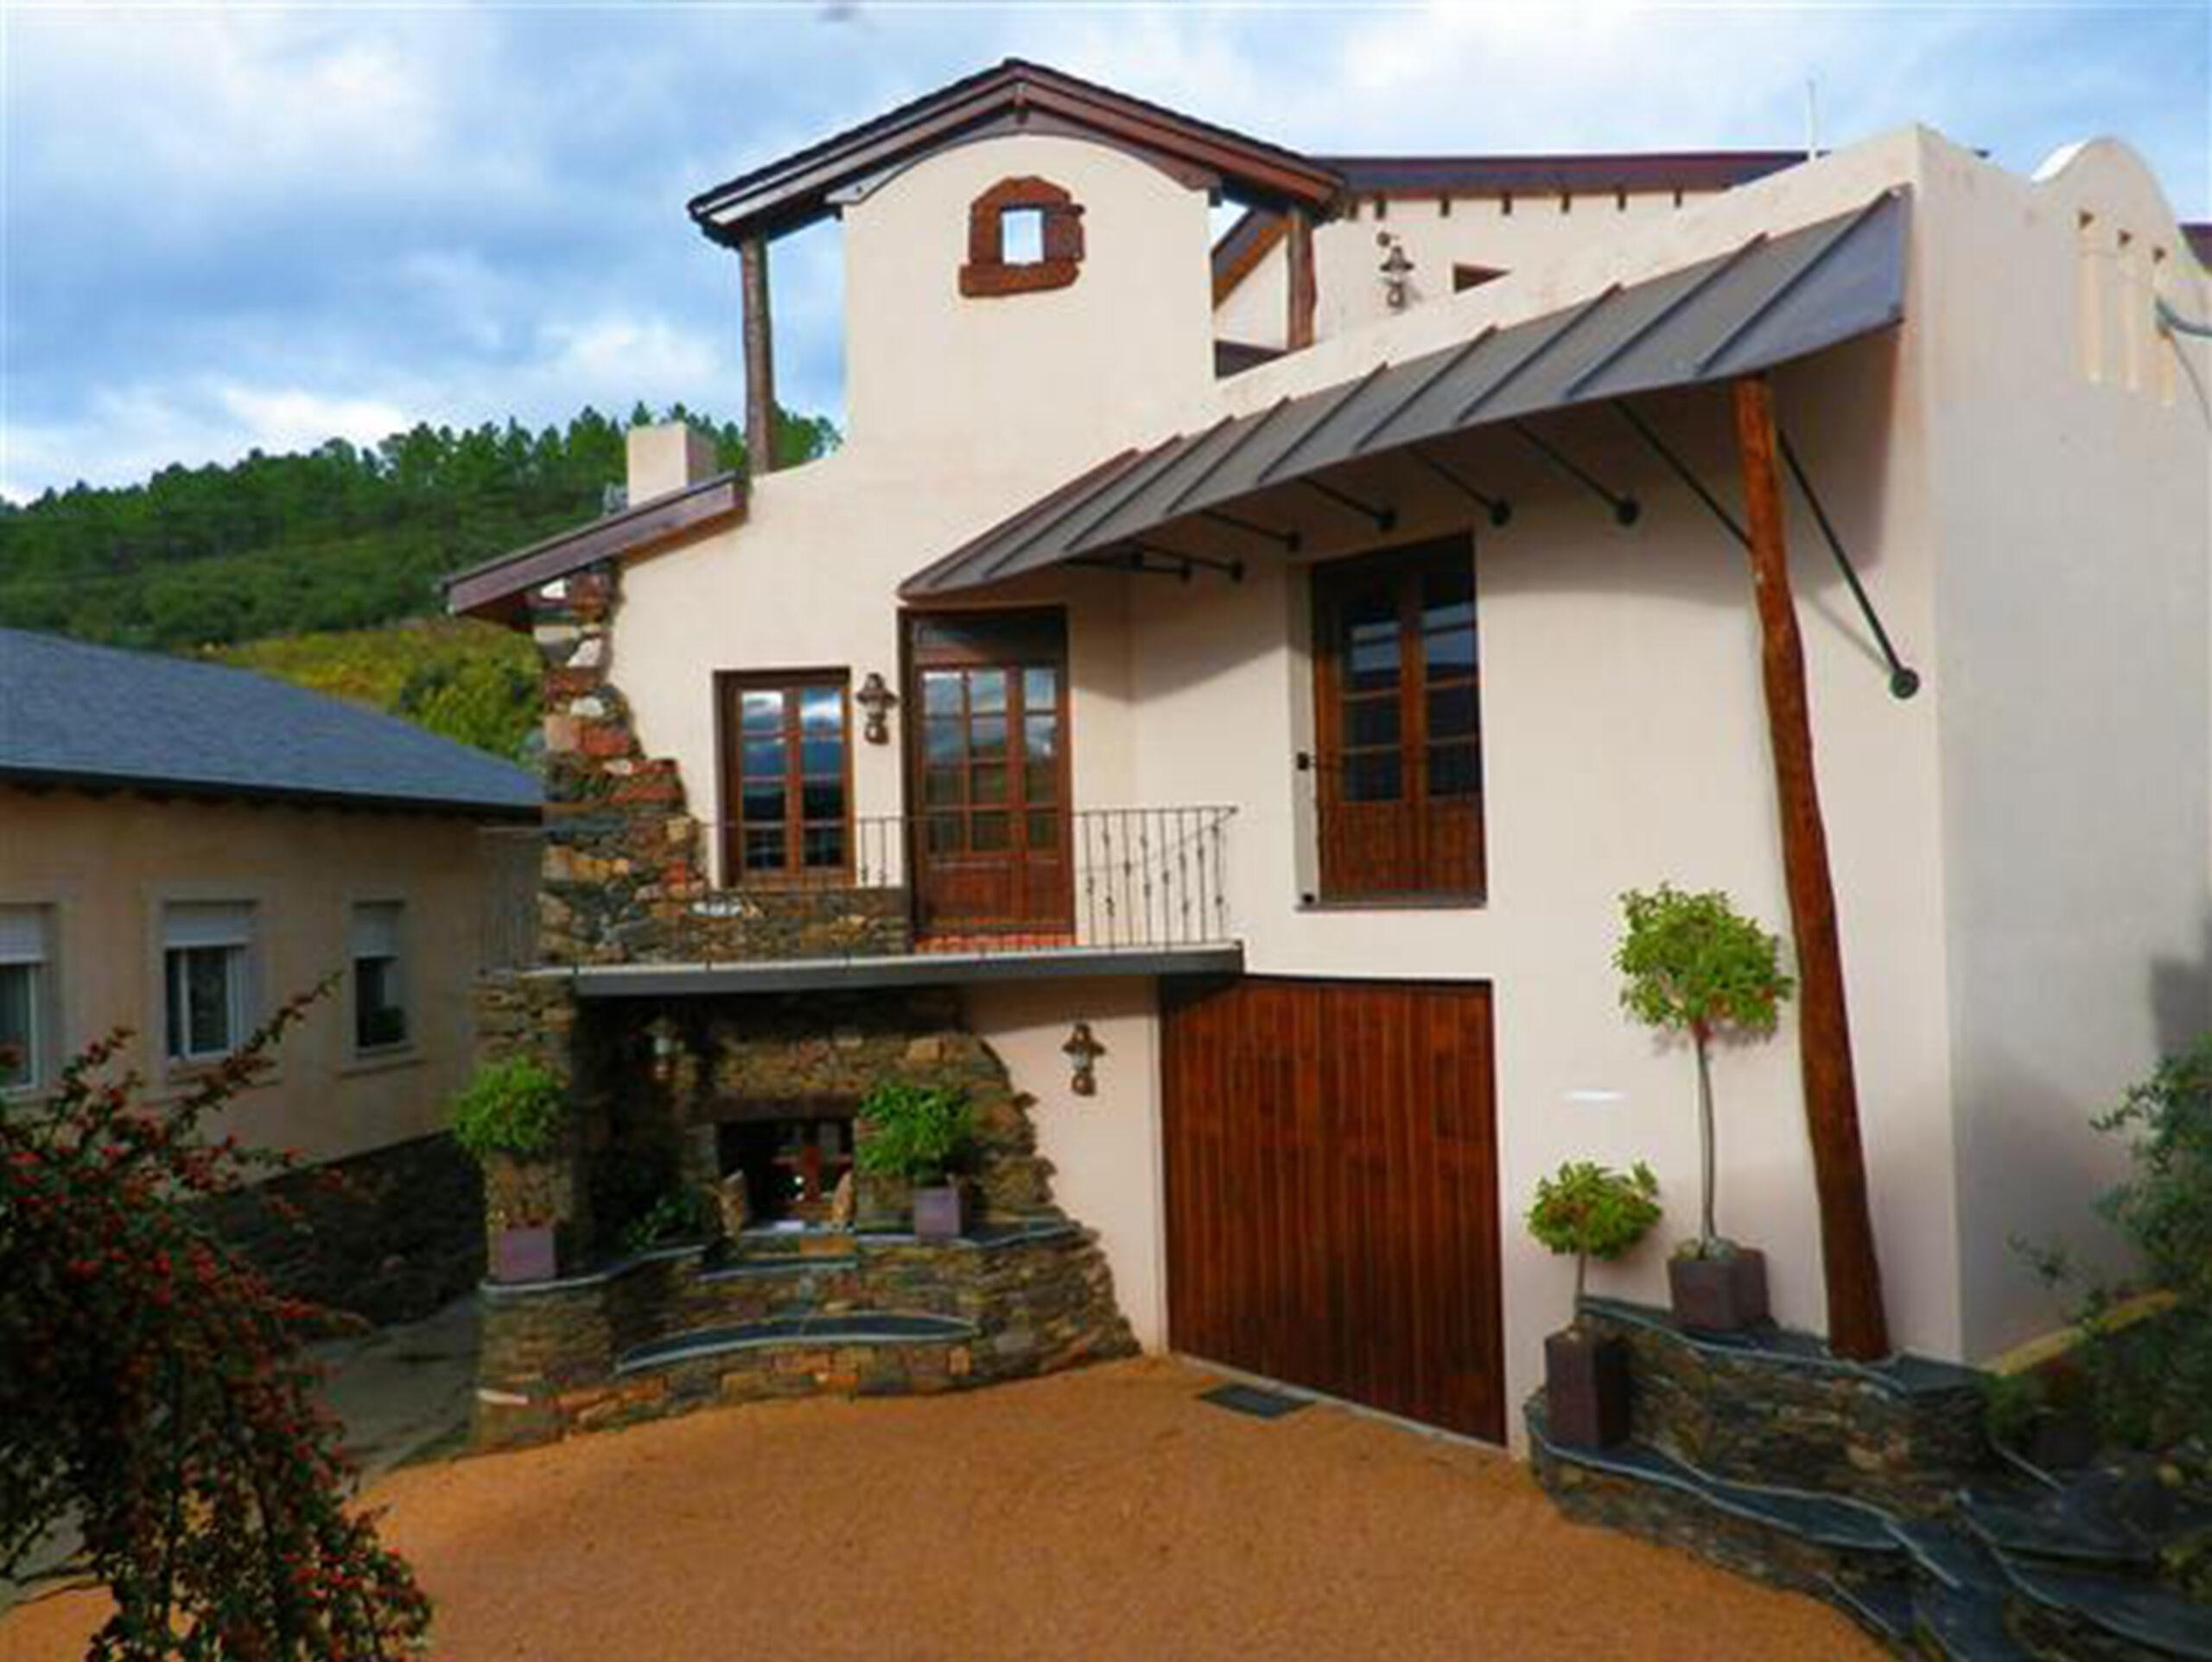 Alvaredos-Hobbs winery